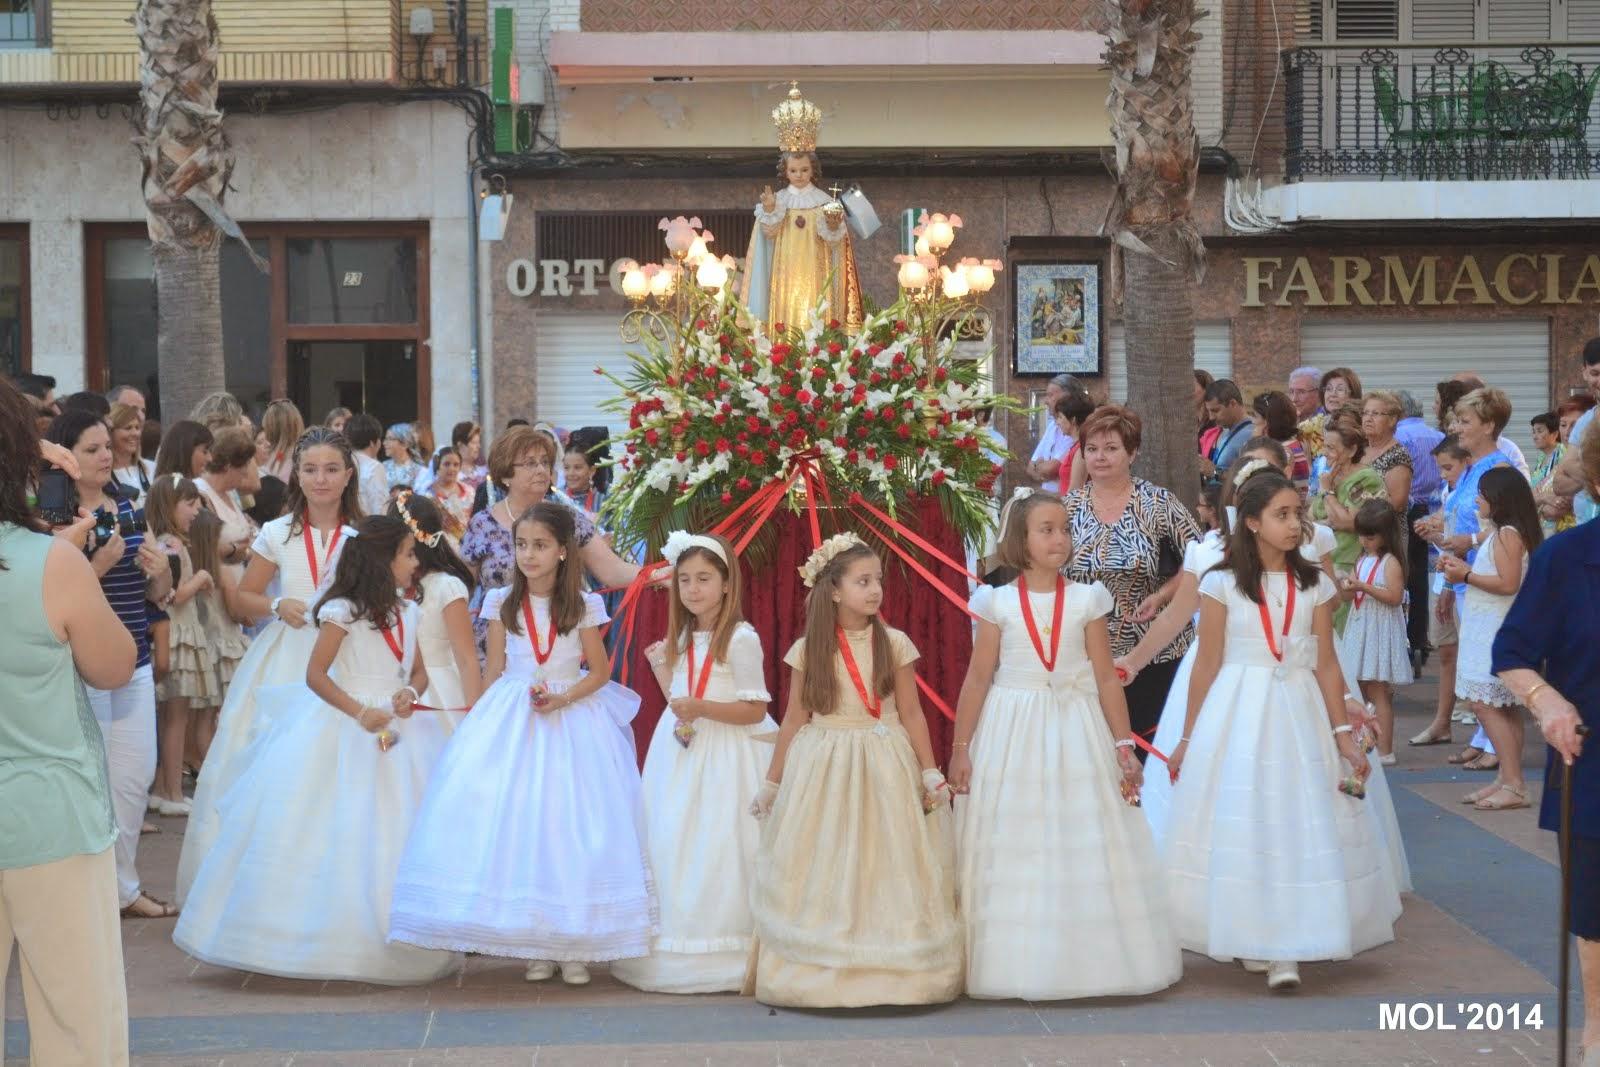 FIESTA AL NIÑO JESÚS DE PRAGA, PARROQUIA DE SAN JUAN BAUTISTA DE MANISES, DOMINGO DÍA 15 DE JUNIO.